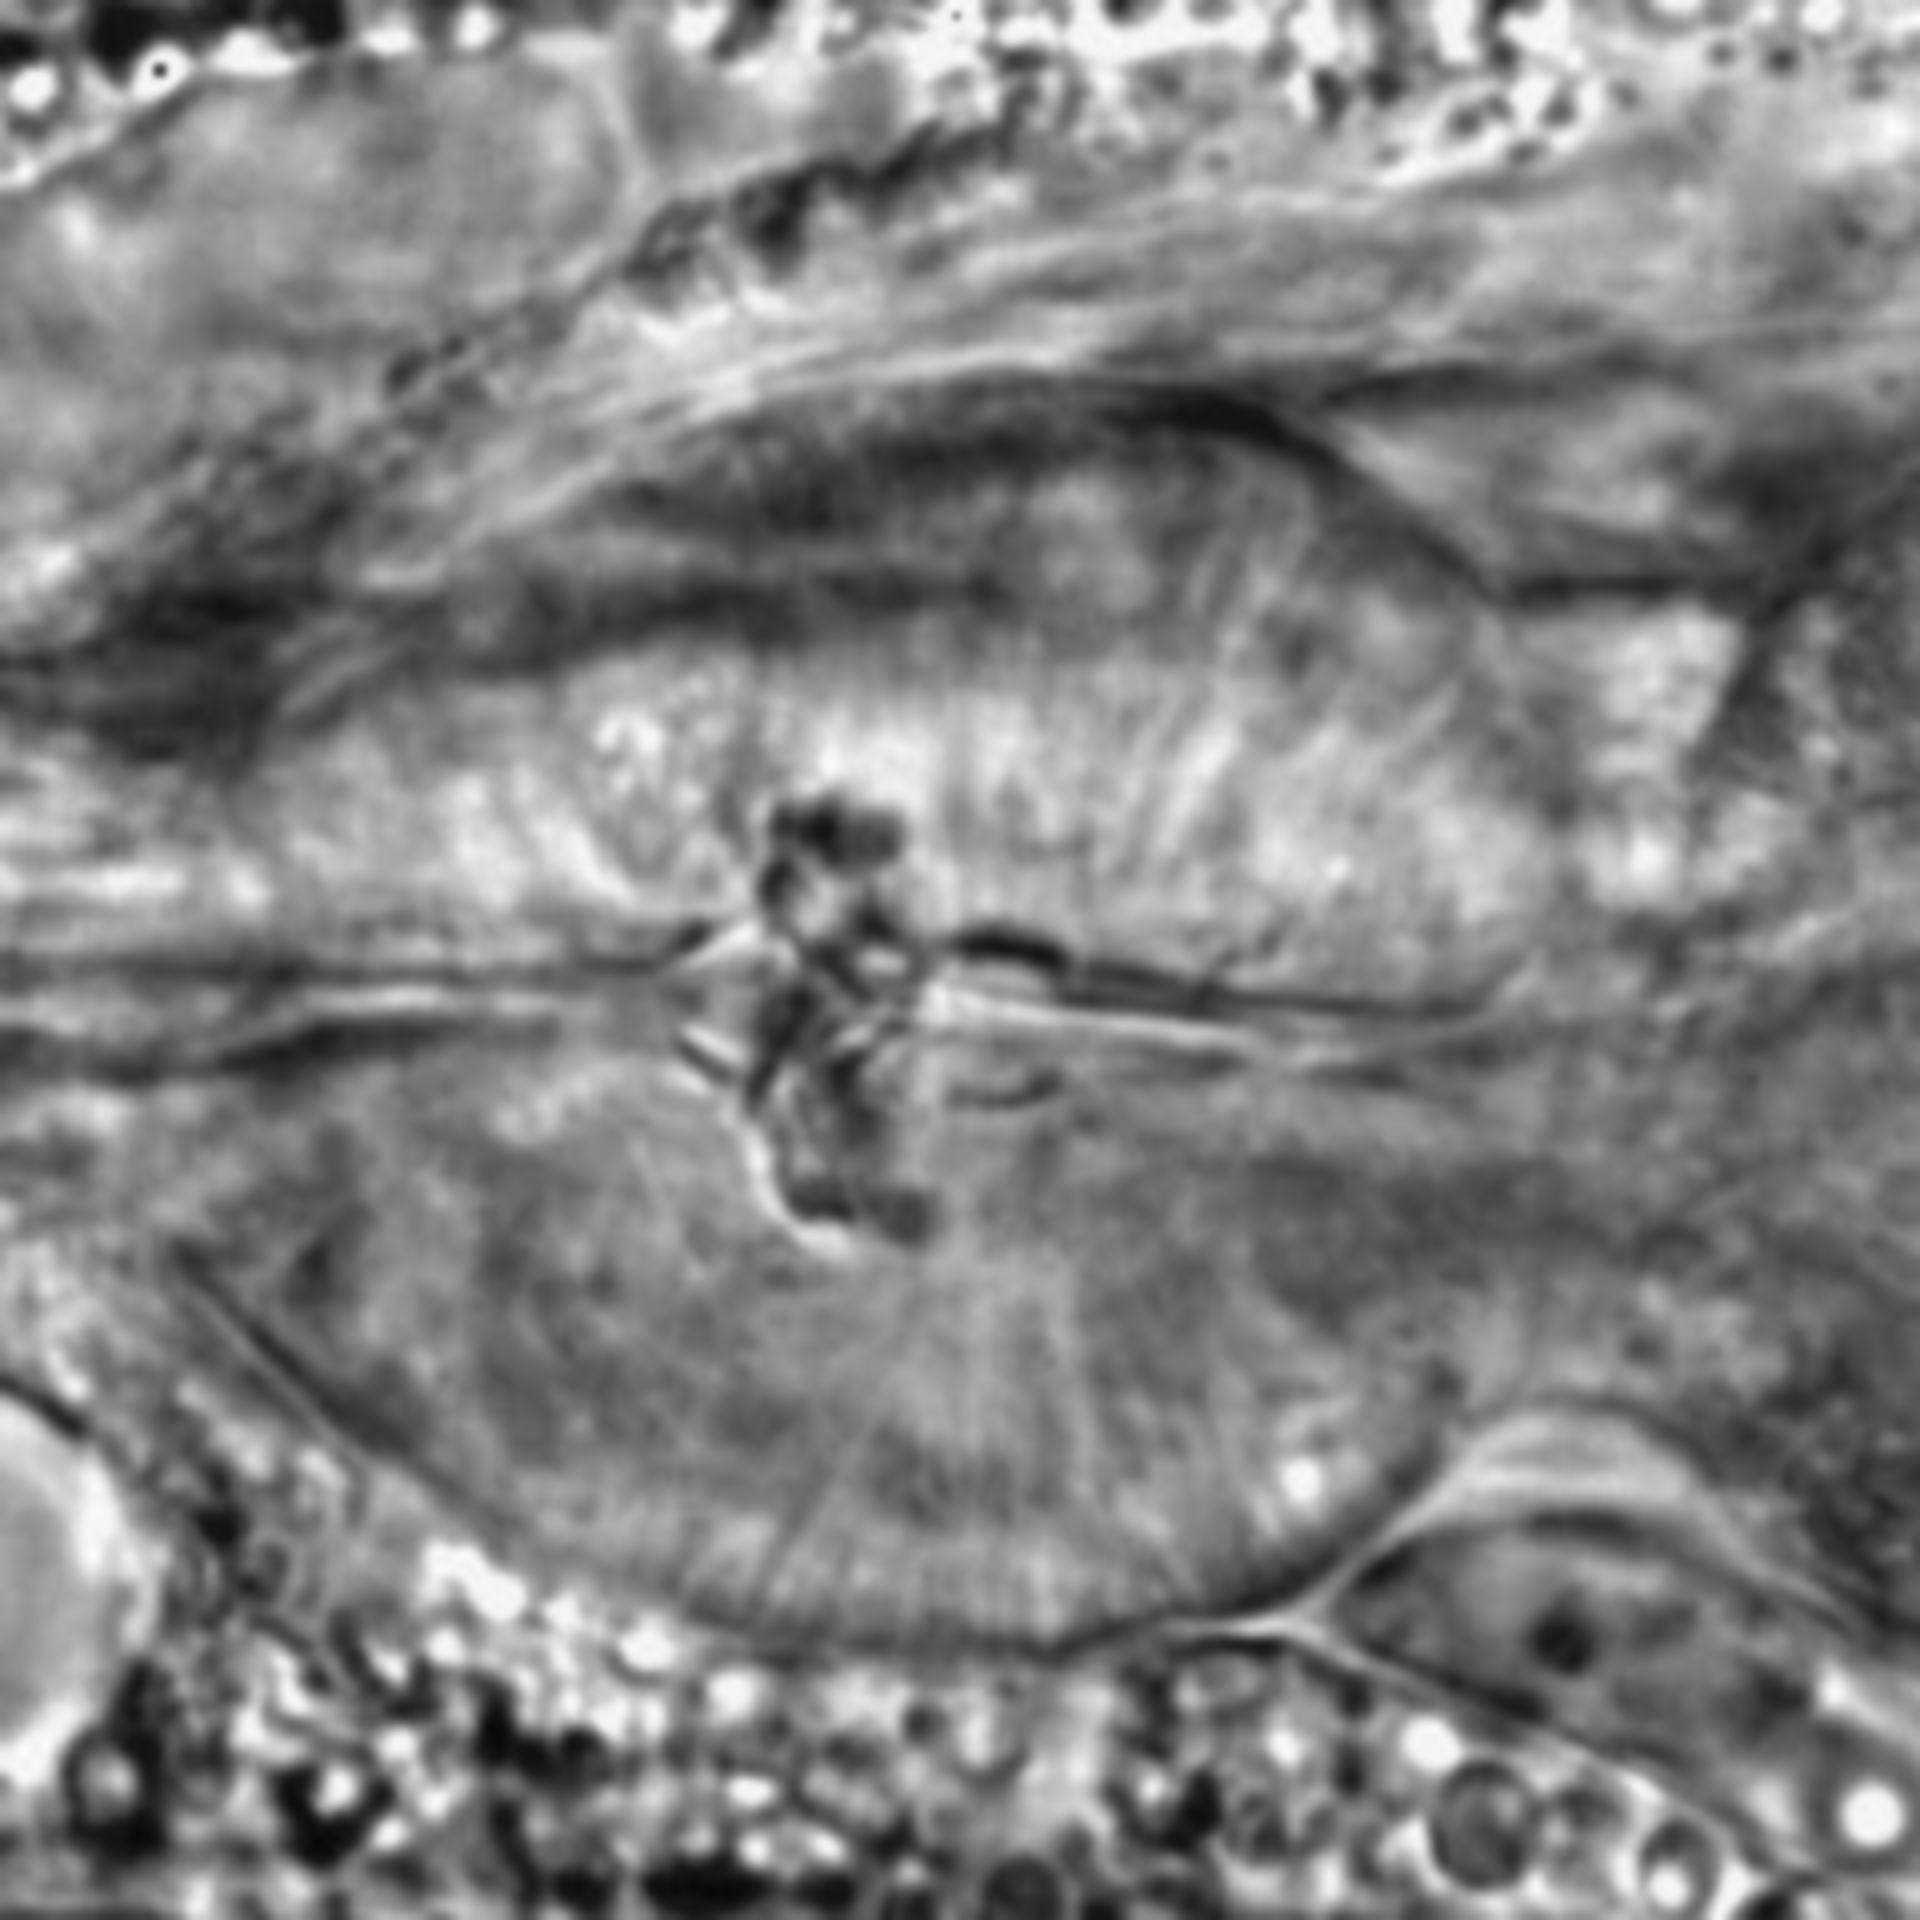 Caenorhabditis elegans - CIL:1731